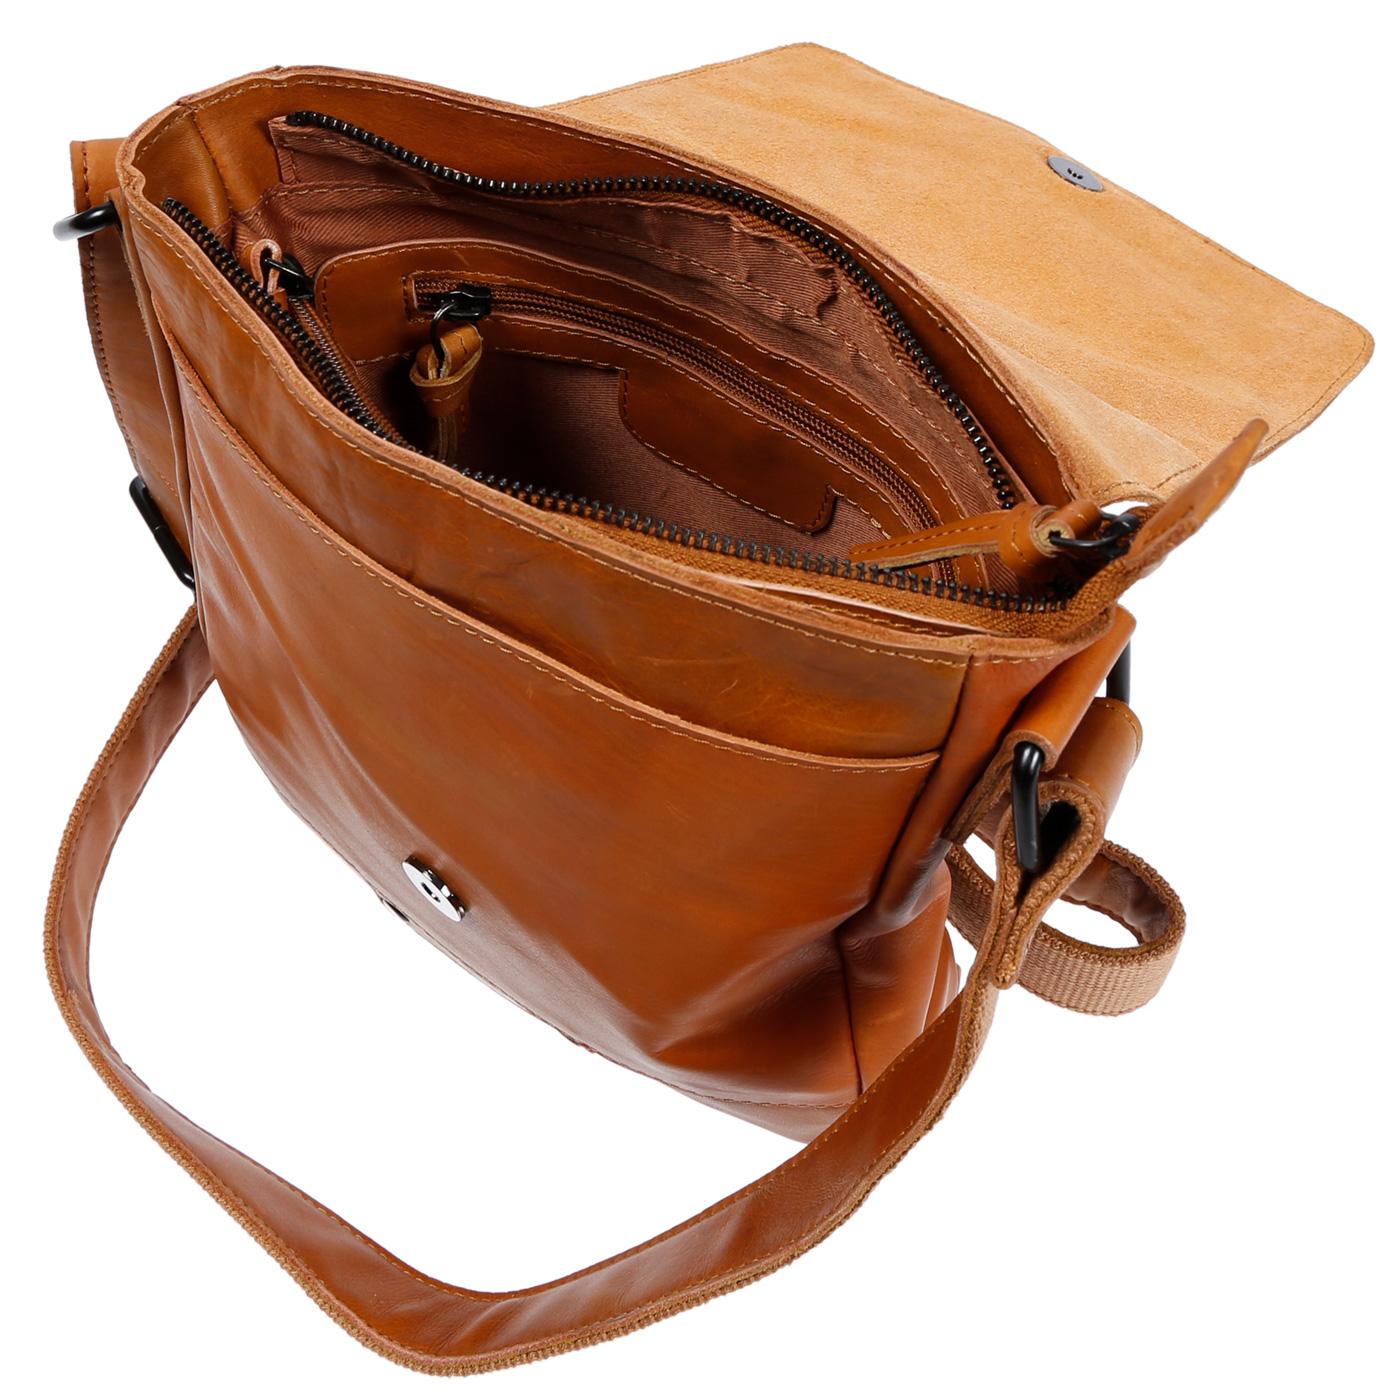 Echt-Leder-Herren-Damen-Umhaengetasche-Tasche-RFID-Schutz-Schultertasche-Umhaenger Indexbild 33